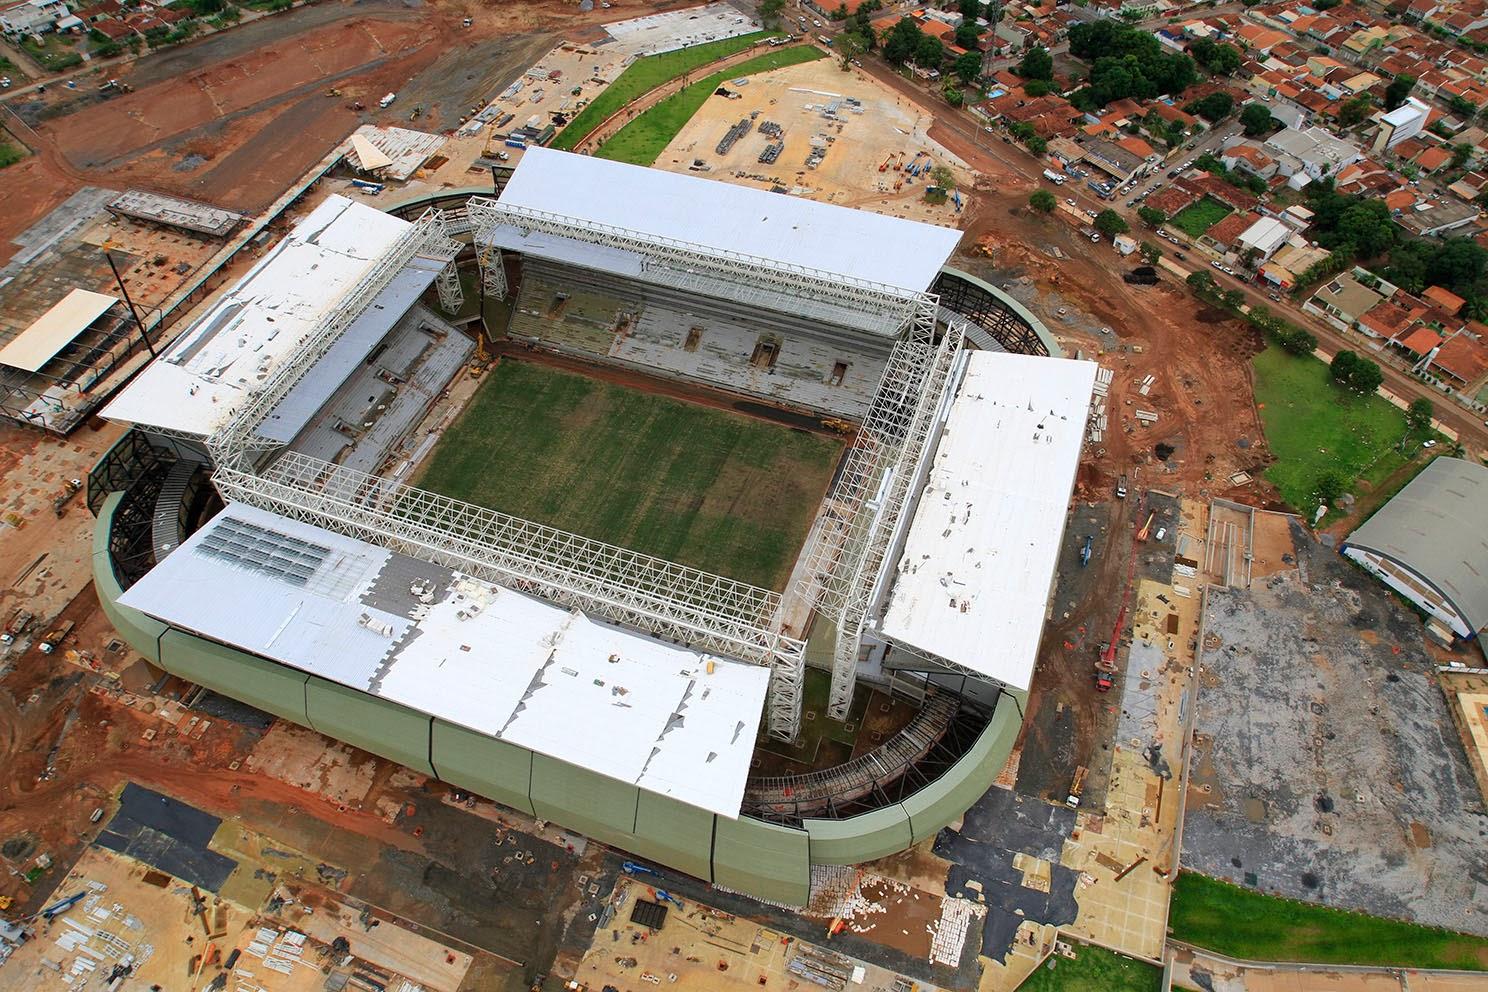 Arena+Pantanal+a+6108.jpg